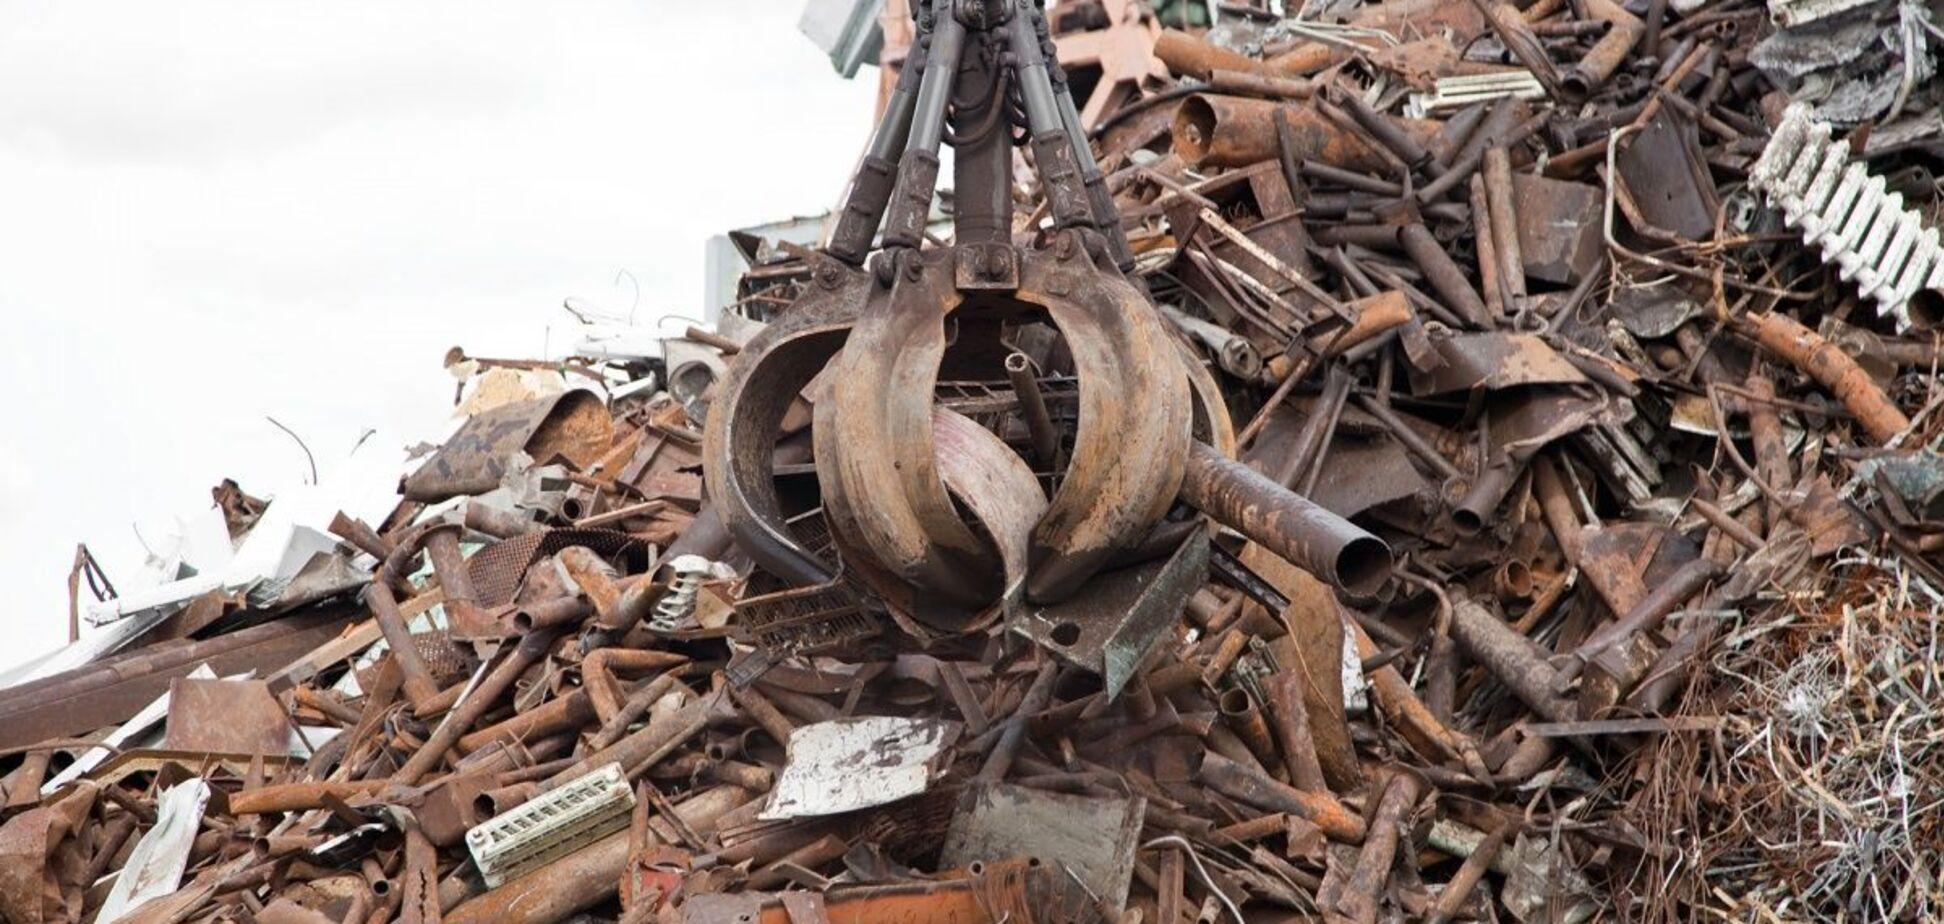 Экспортная пошлина на металлолом сохранит десятки тысяч рабочих мест в Украине, – эксперт